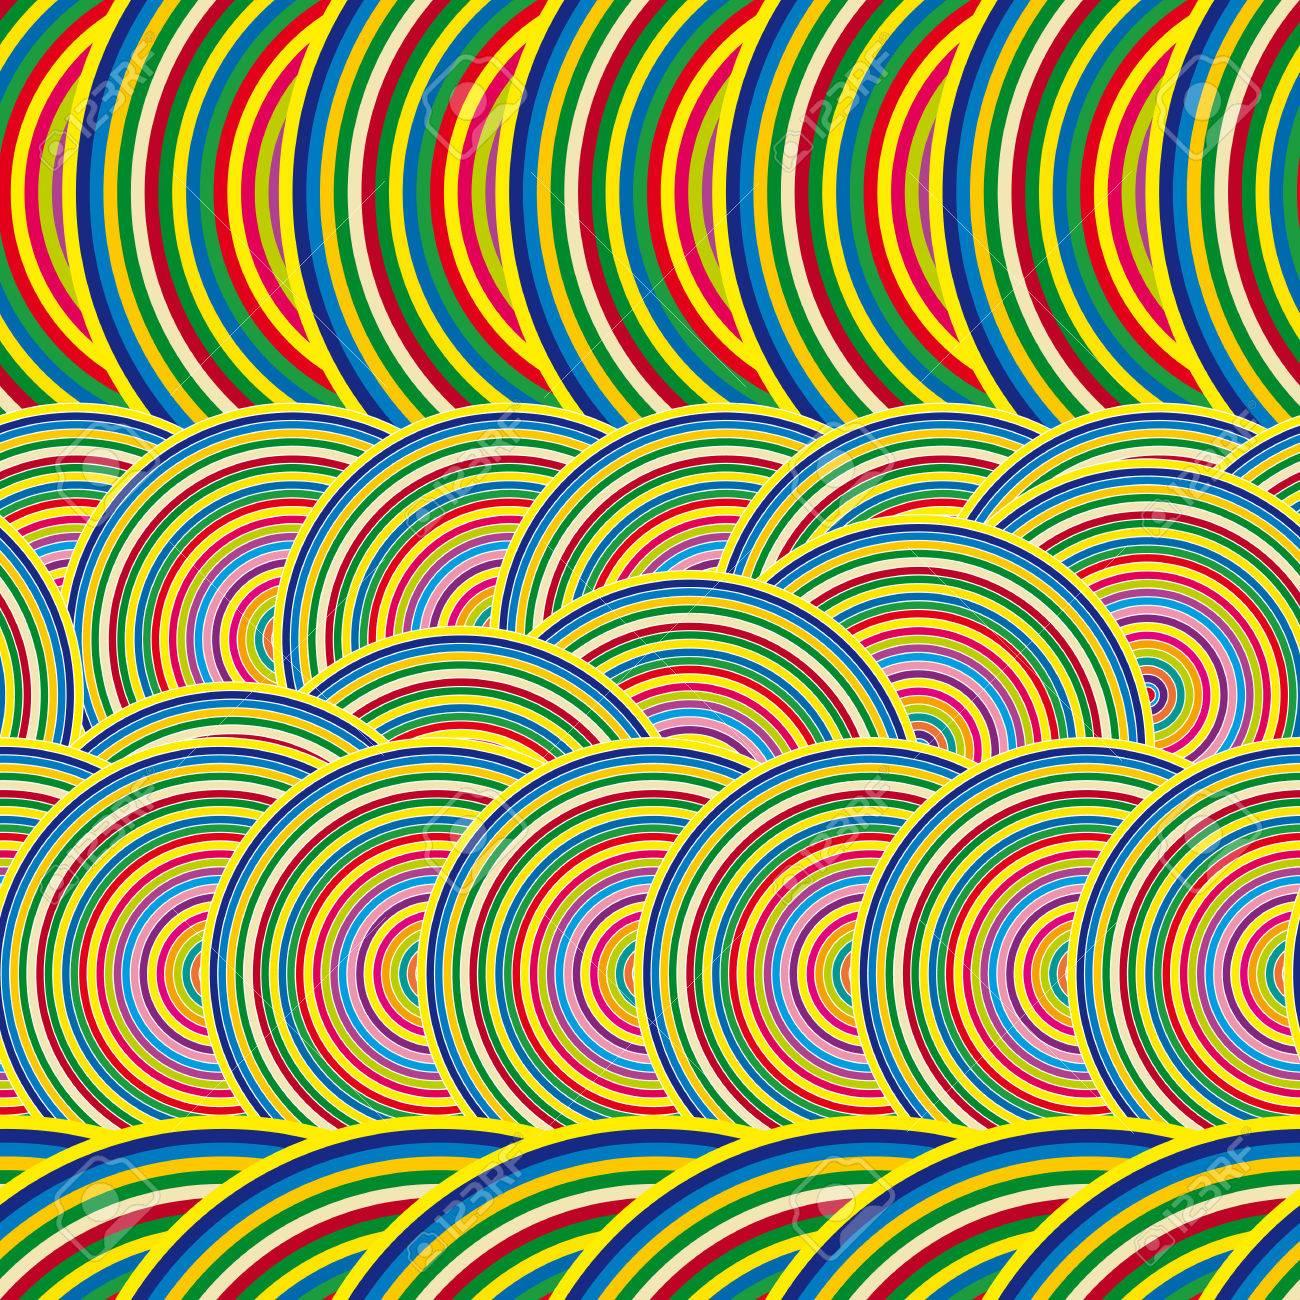 Multi-color Patrón De Fondo Unas Círculos Del Arco Iris ...